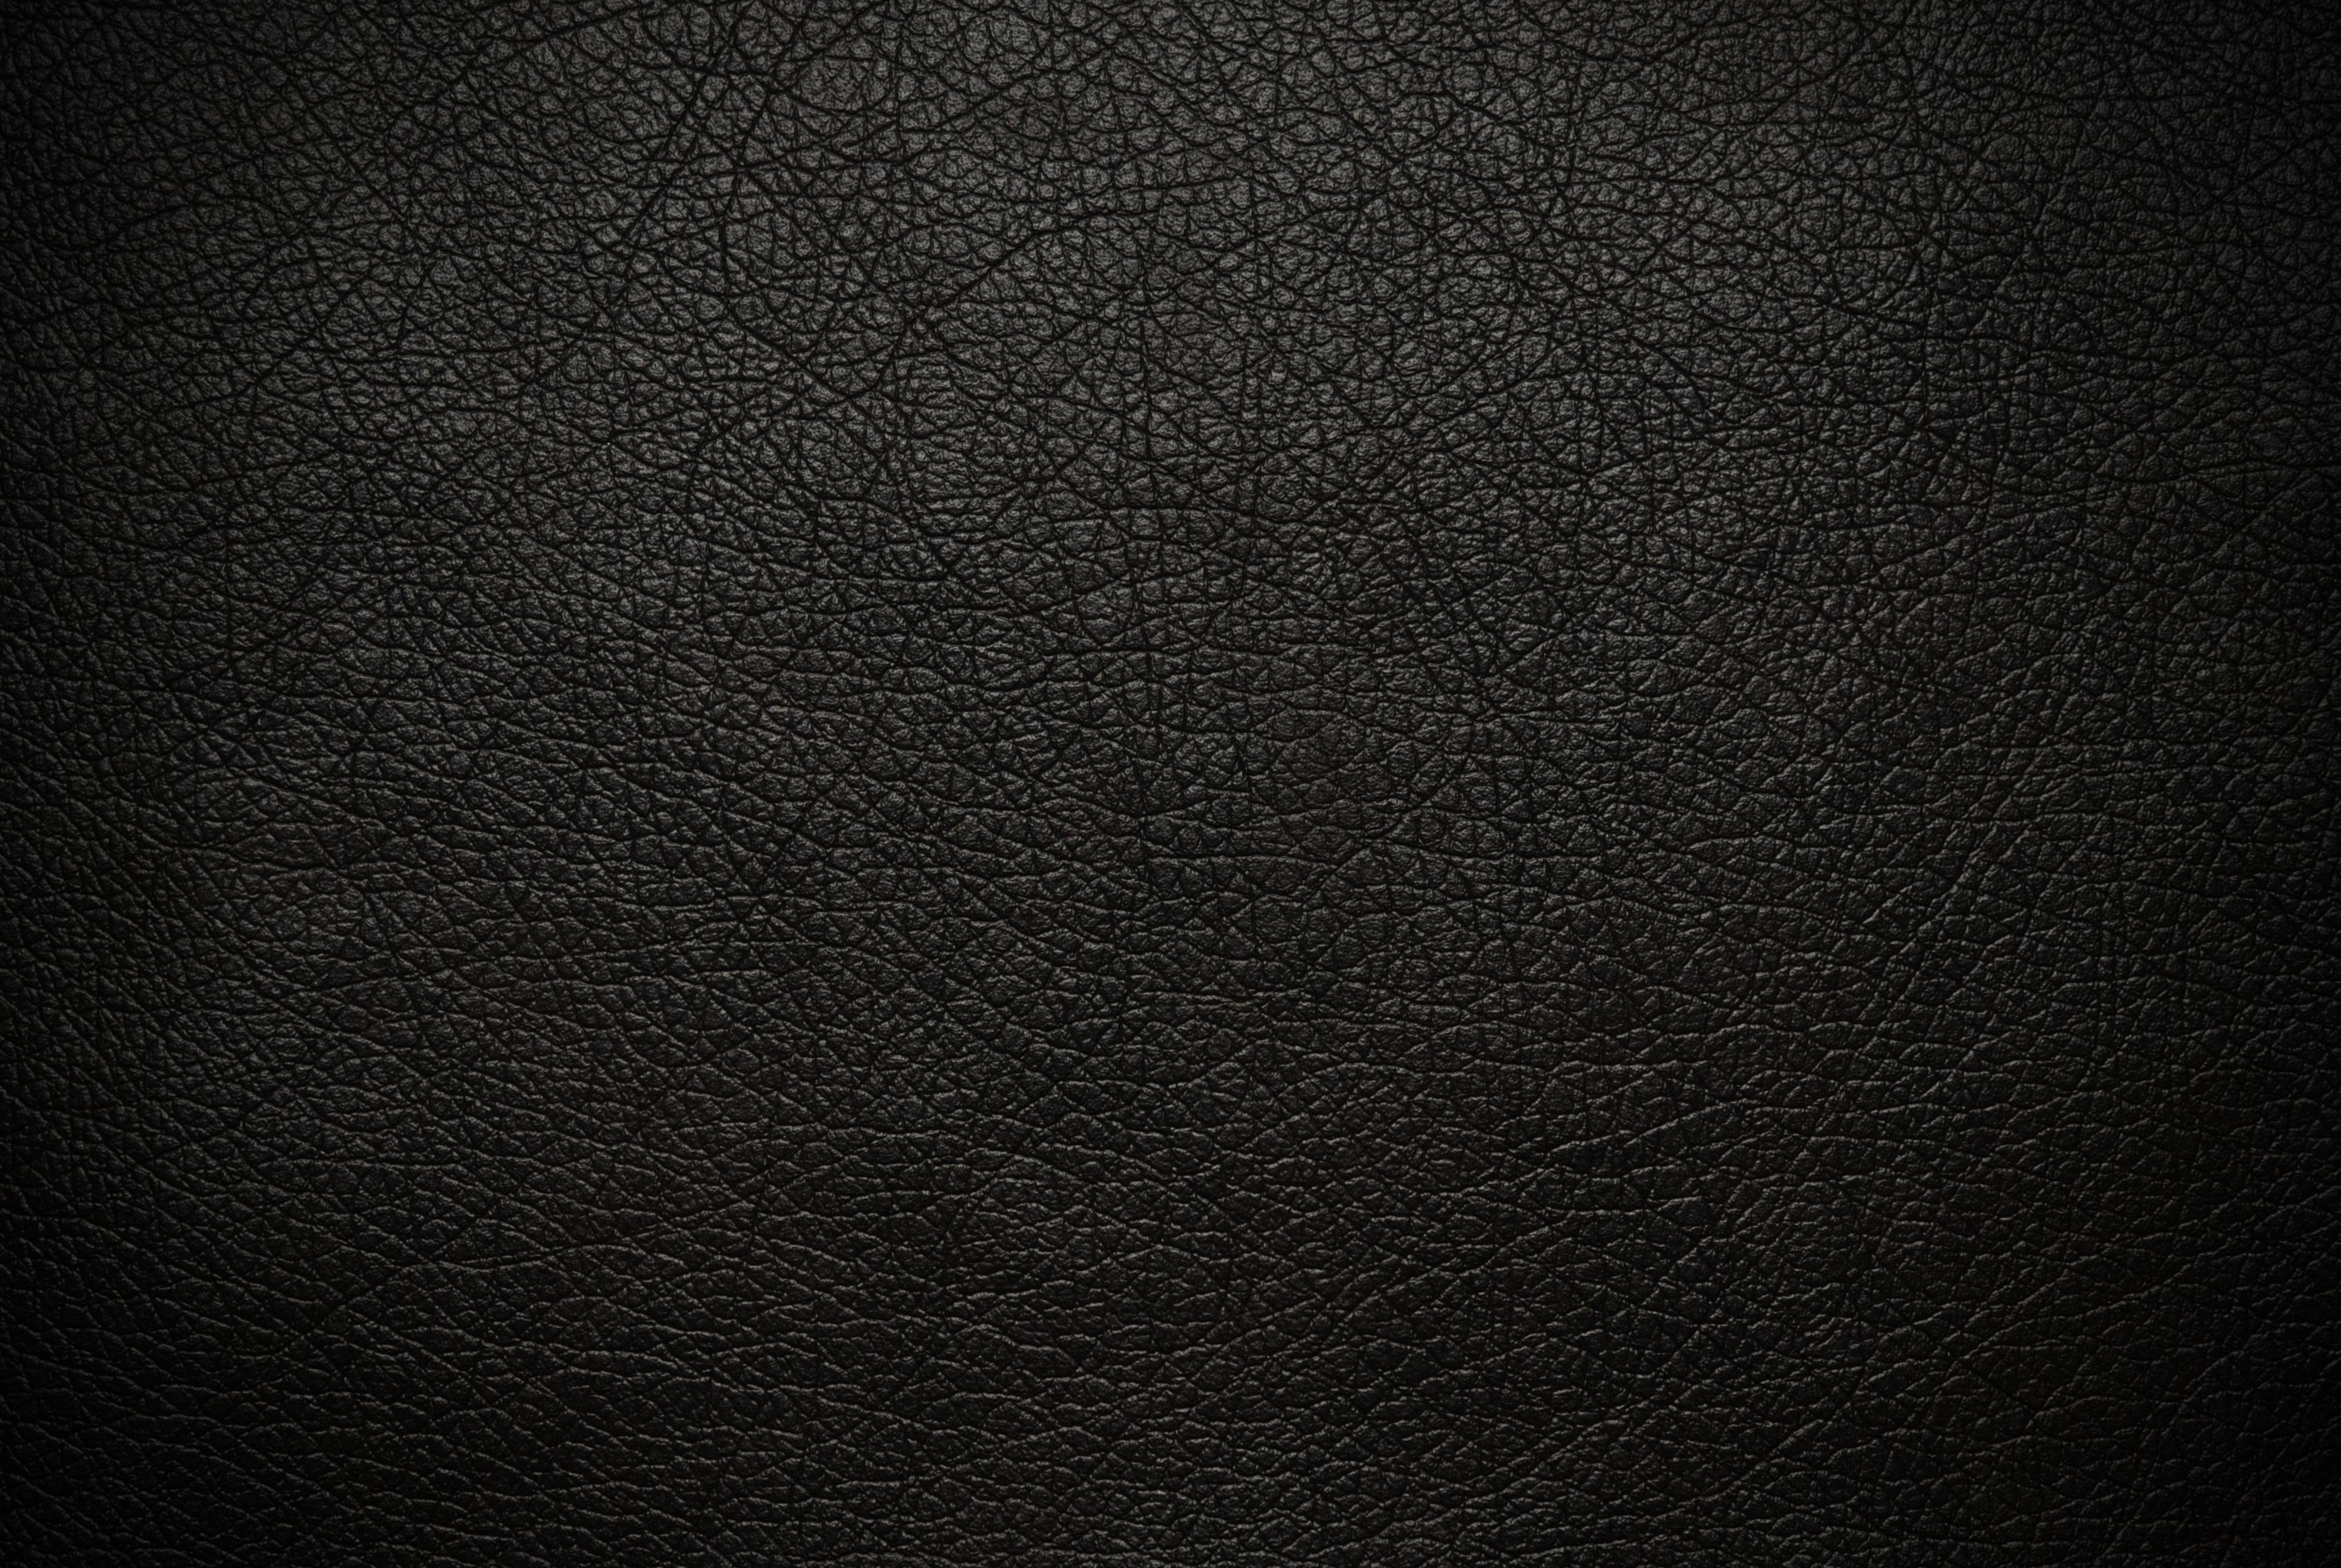 46+ Black Wallpaper 4K on WallpaperSafari